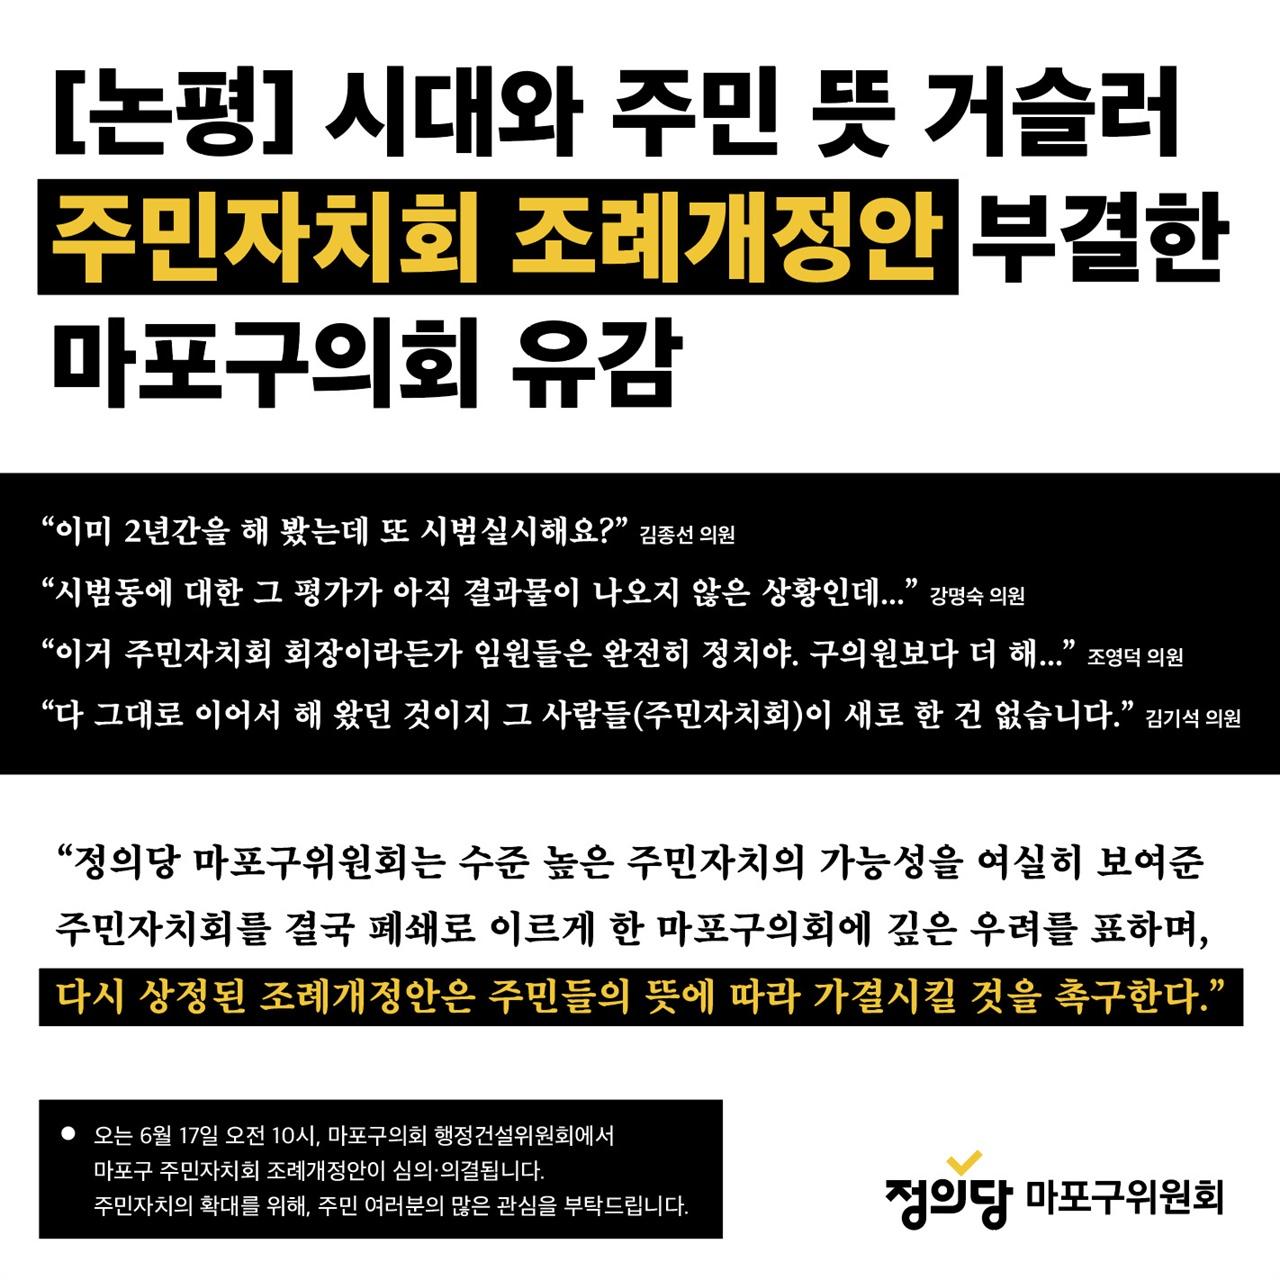 10일 정의당 마포구지역위원회가 발표한 논평